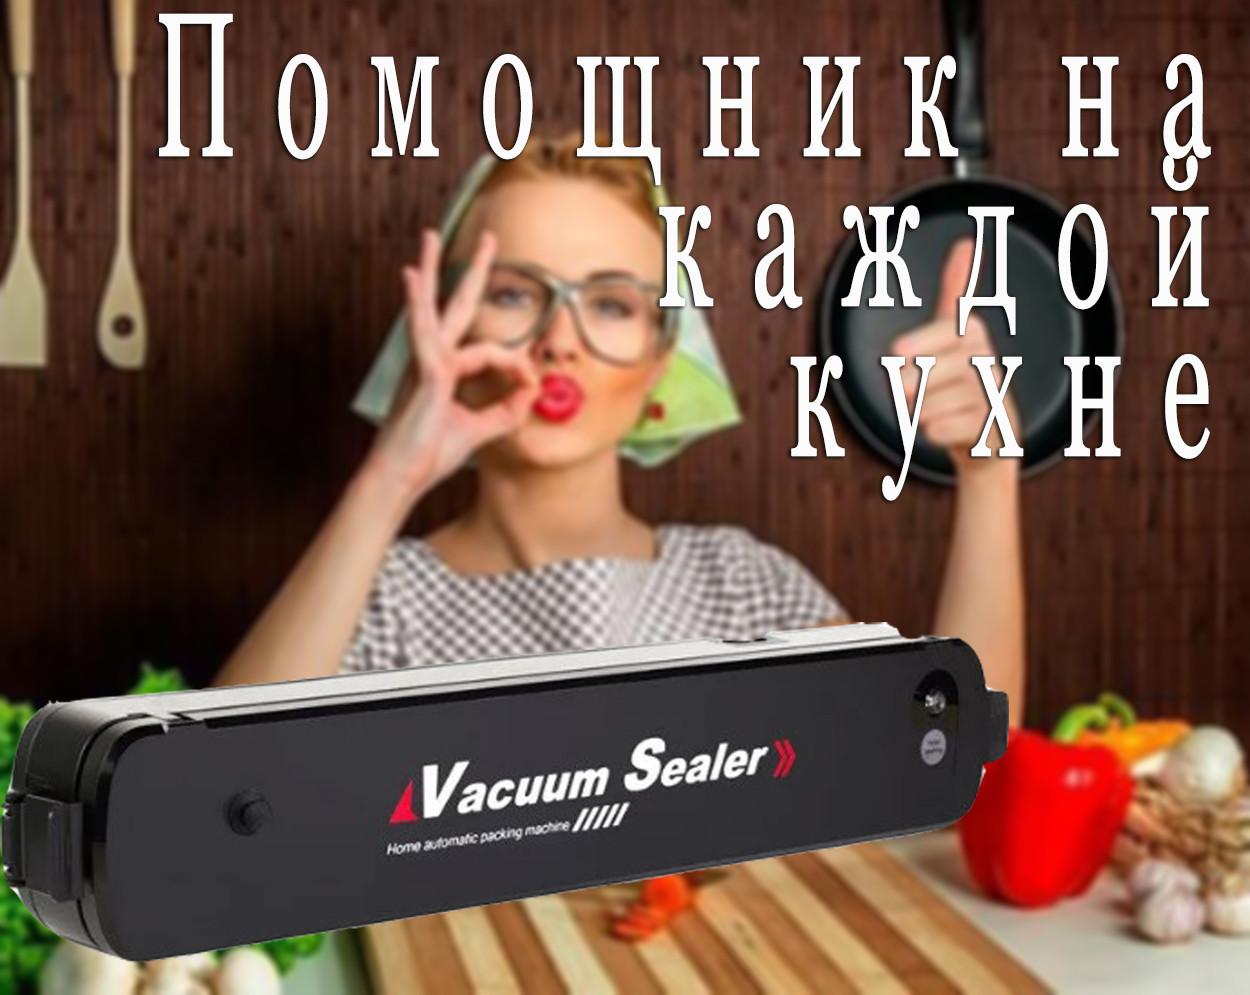 Вакууматор упаковщик еды с пакетами Wi-simple LP-11 вакуумный упаковщик для дома